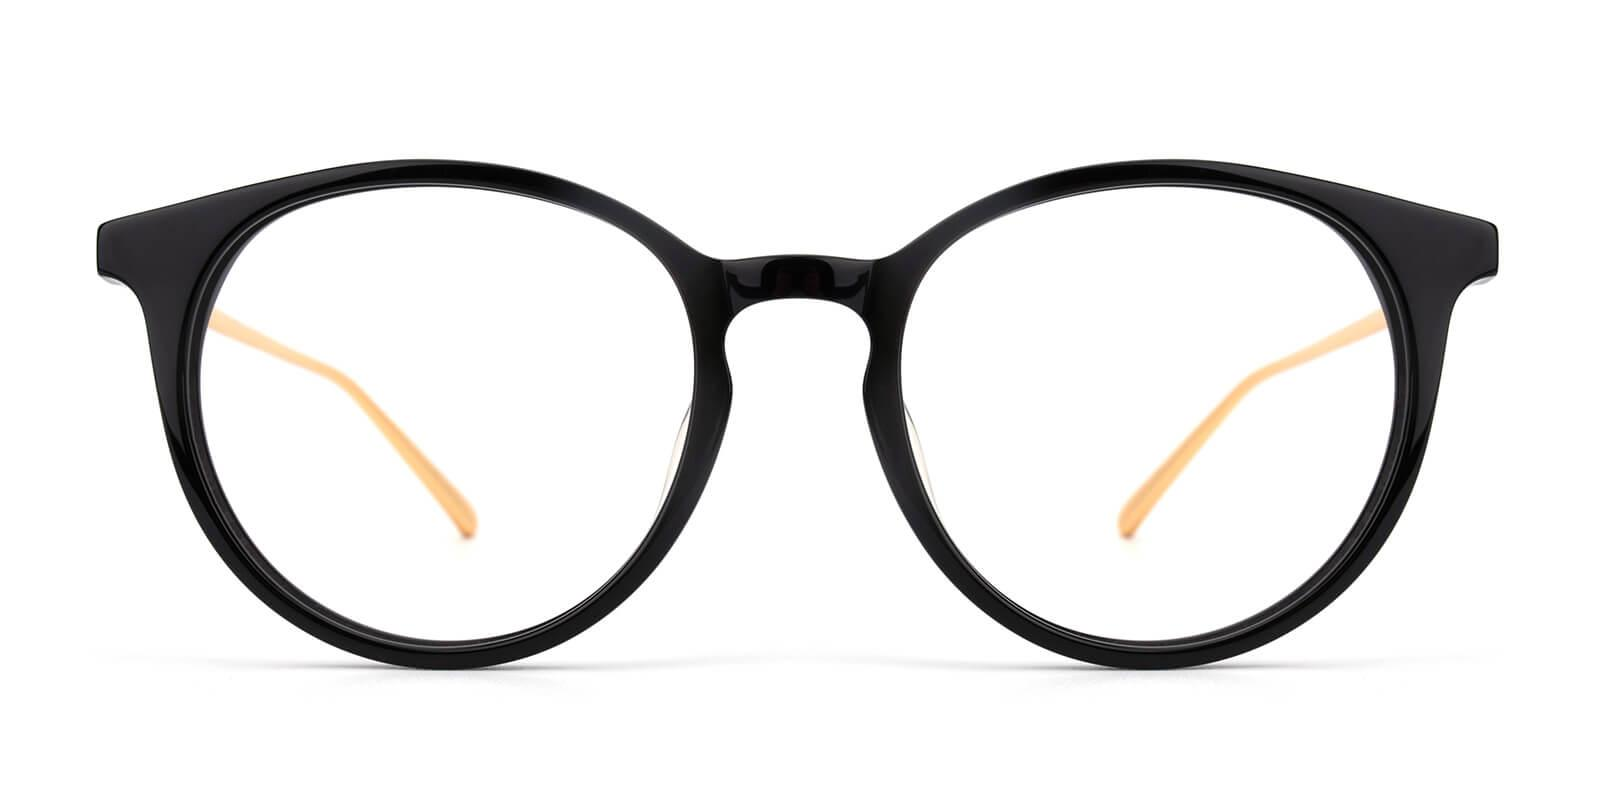 Blrhytem-Black-Round-Titanium-Eyeglasses-additional2